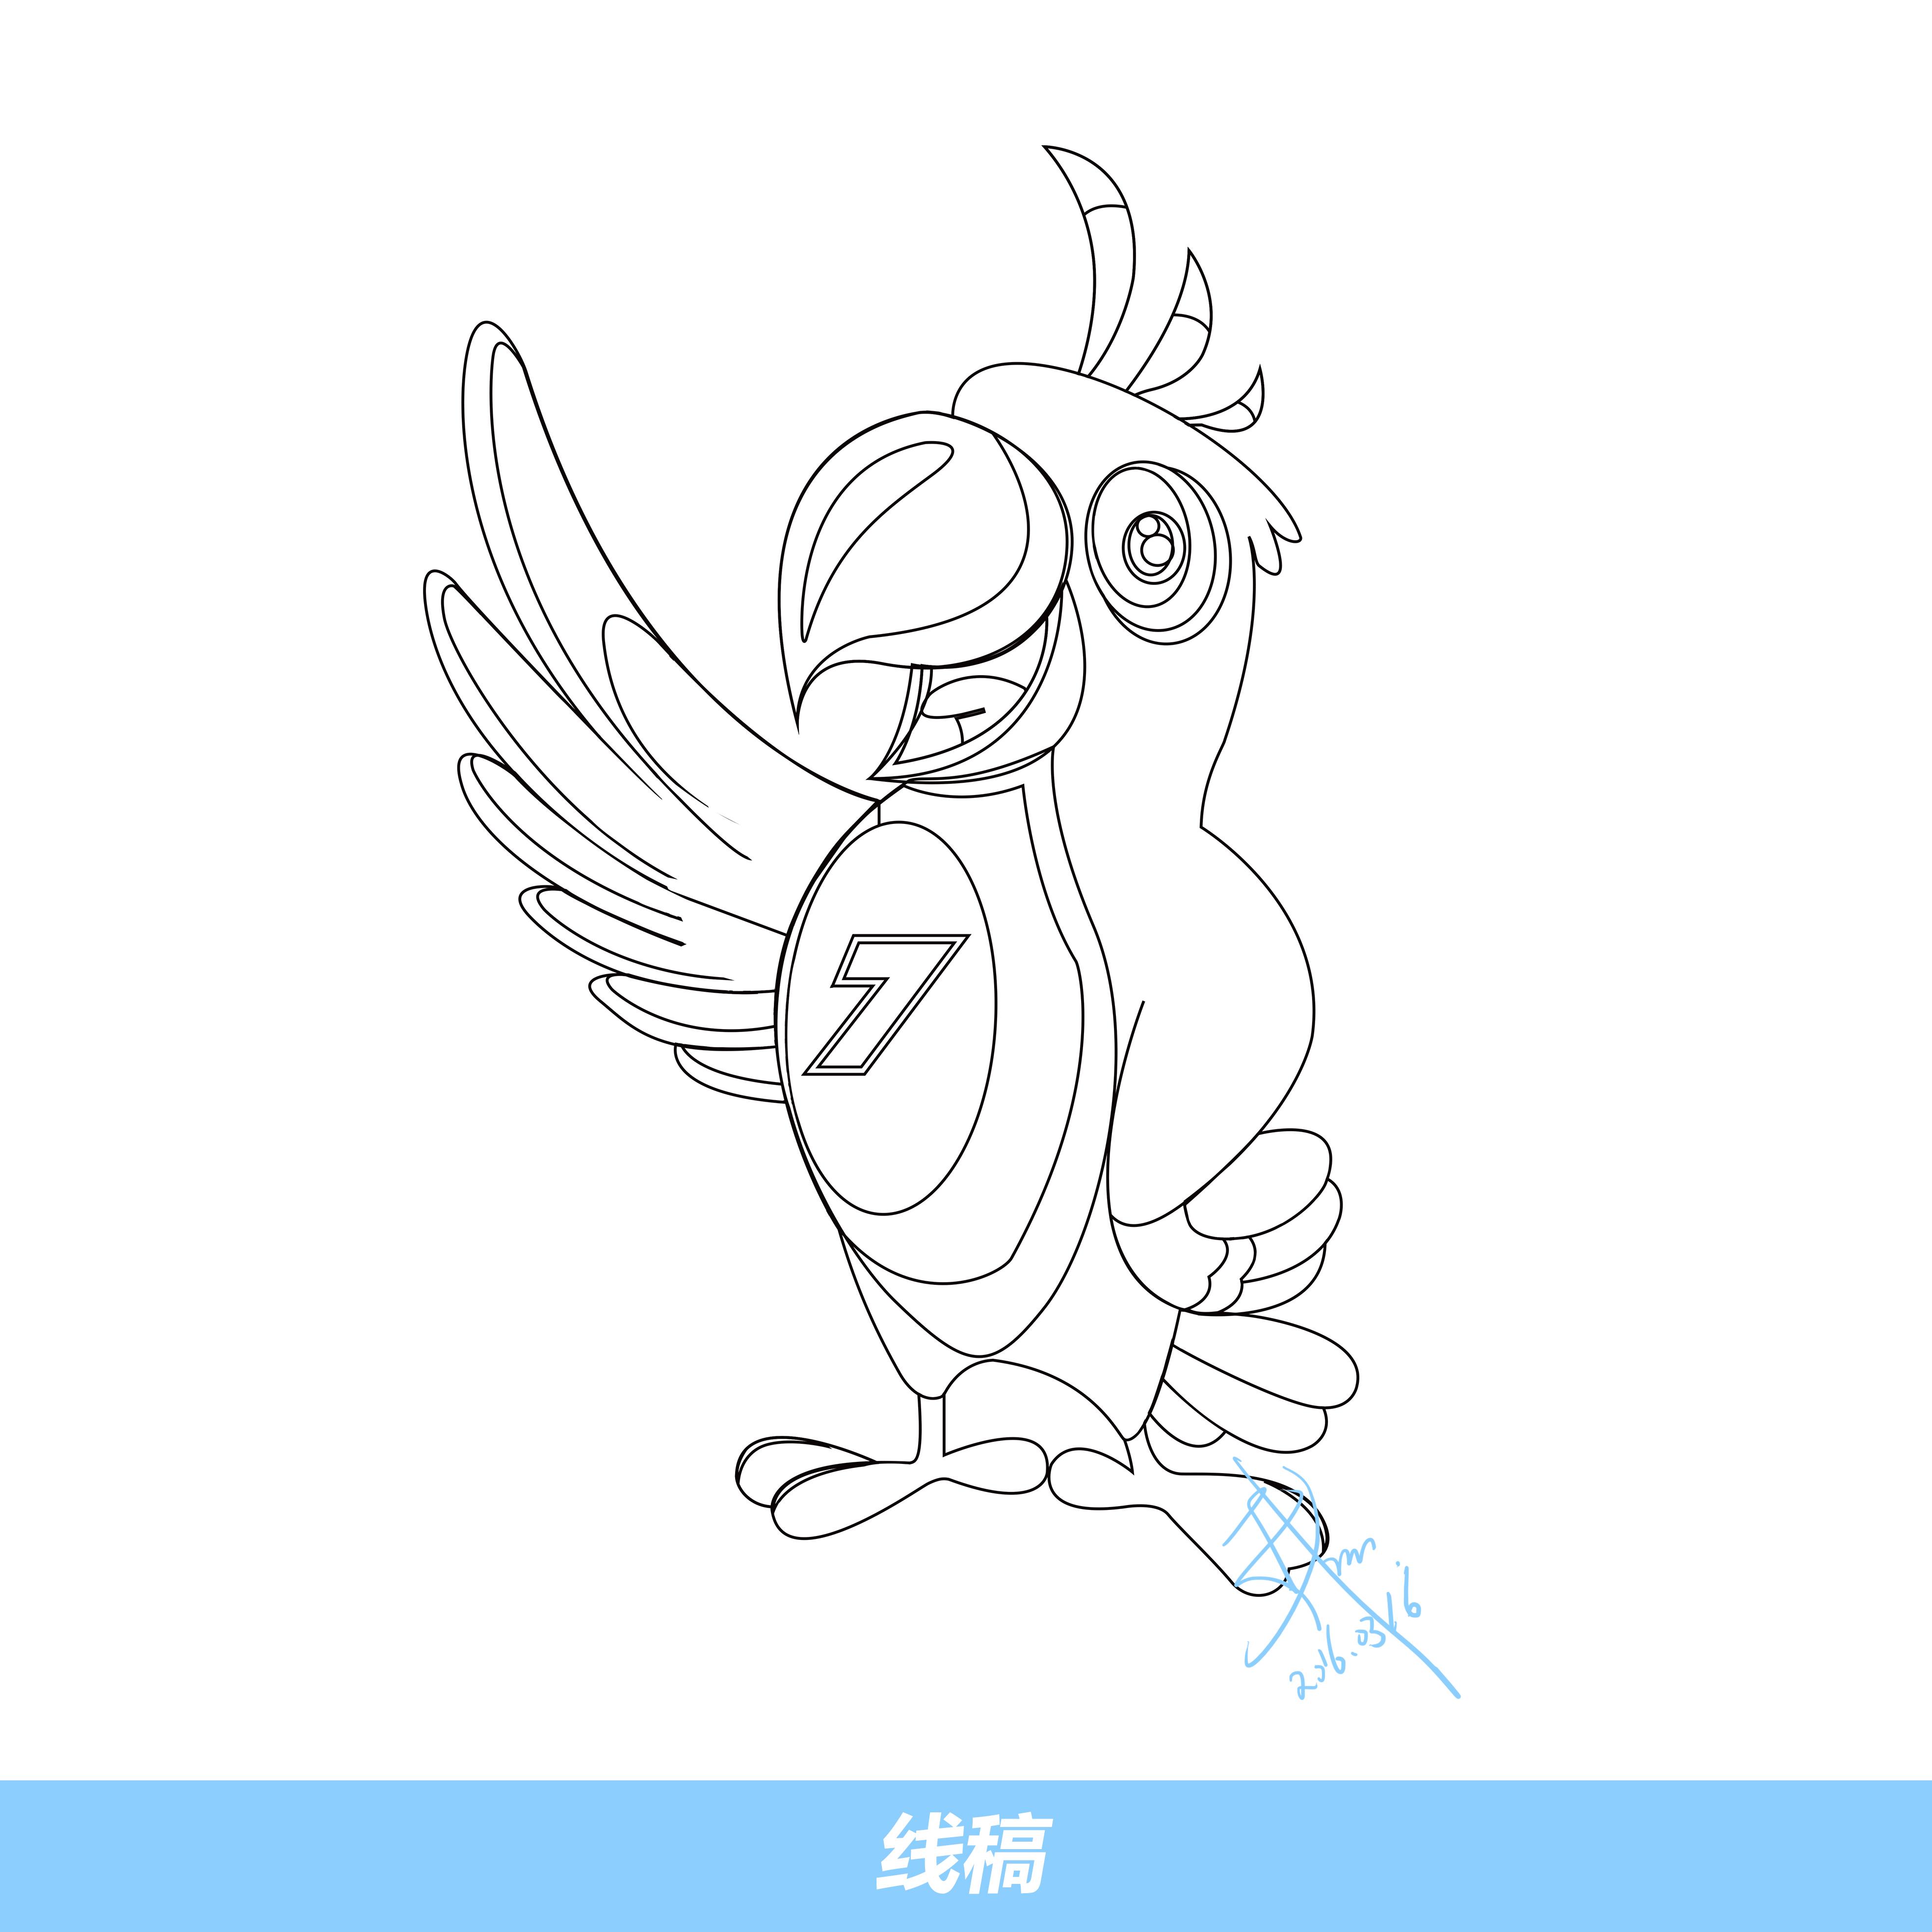 手繪鸚鵡(小七)吉祥物 ai logo 字體設計